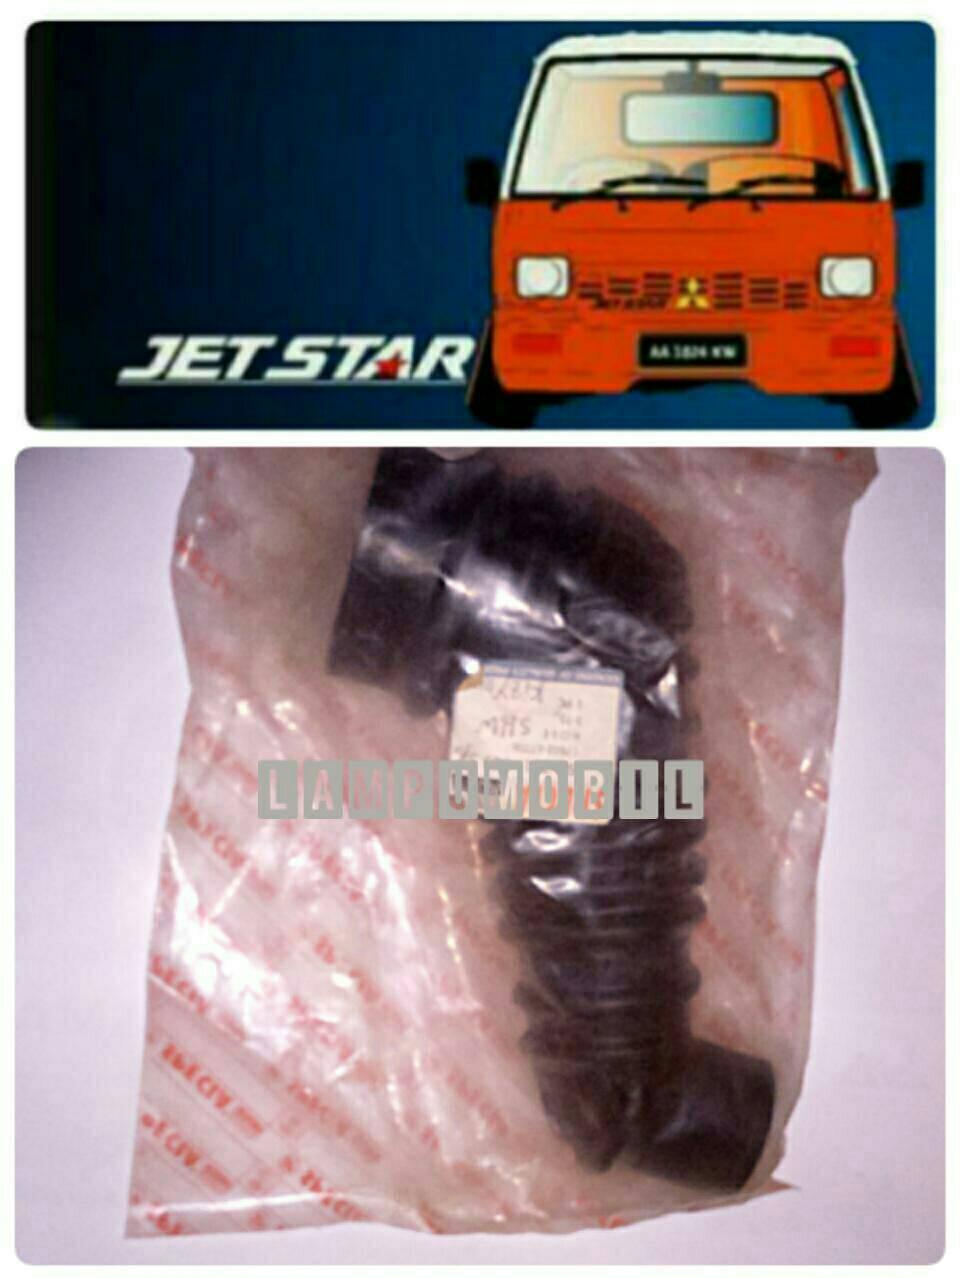 Selang Hawa Mitsubishi Jetstar